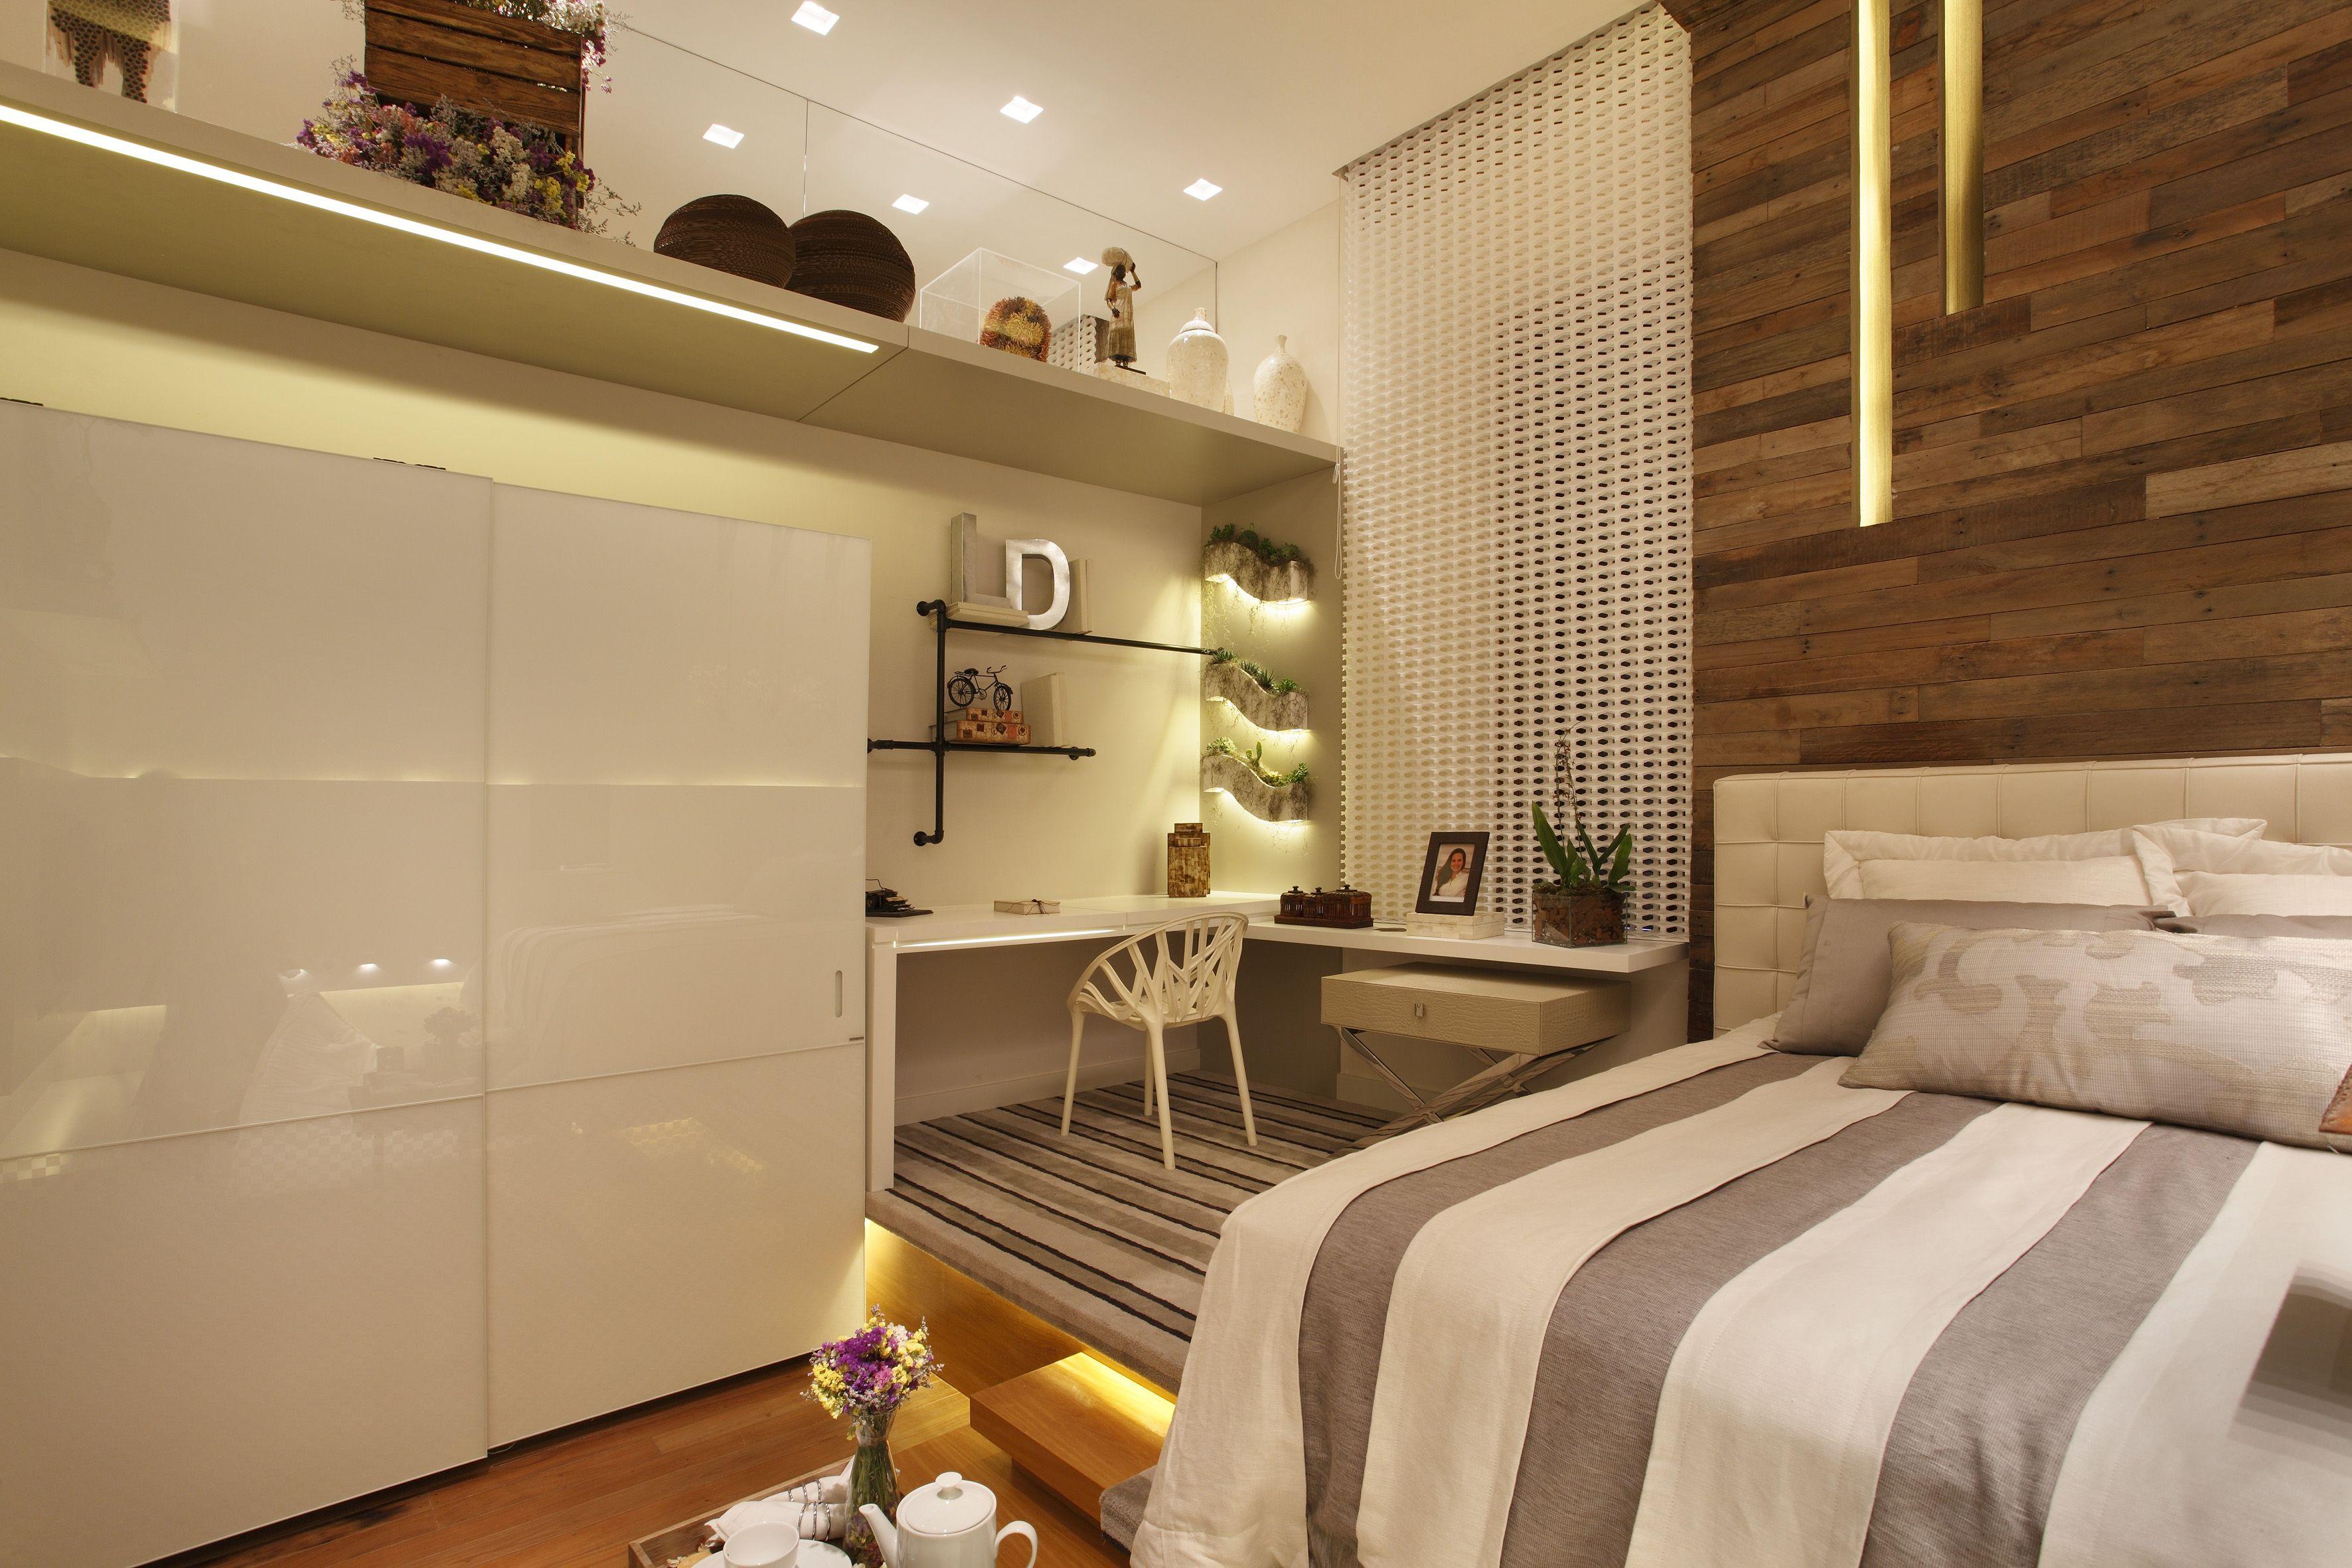 Adesivo De Laminação Maxi Rubber ~ quarto solteiro casa cor Pesquisa Google MANU Pinterest Quarto armário,Áreas de estudo